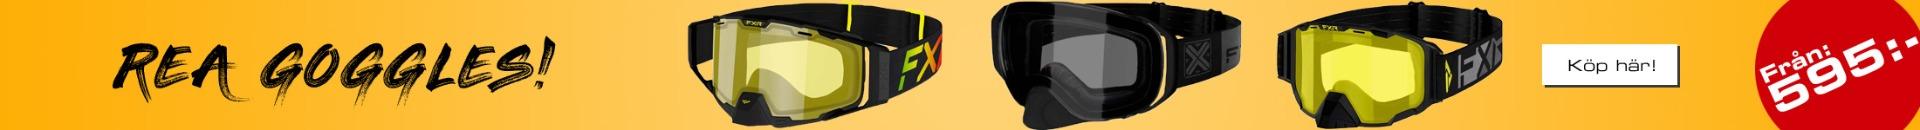 FXR Shoppen - Utförsäljning av FXR skoterglasögon